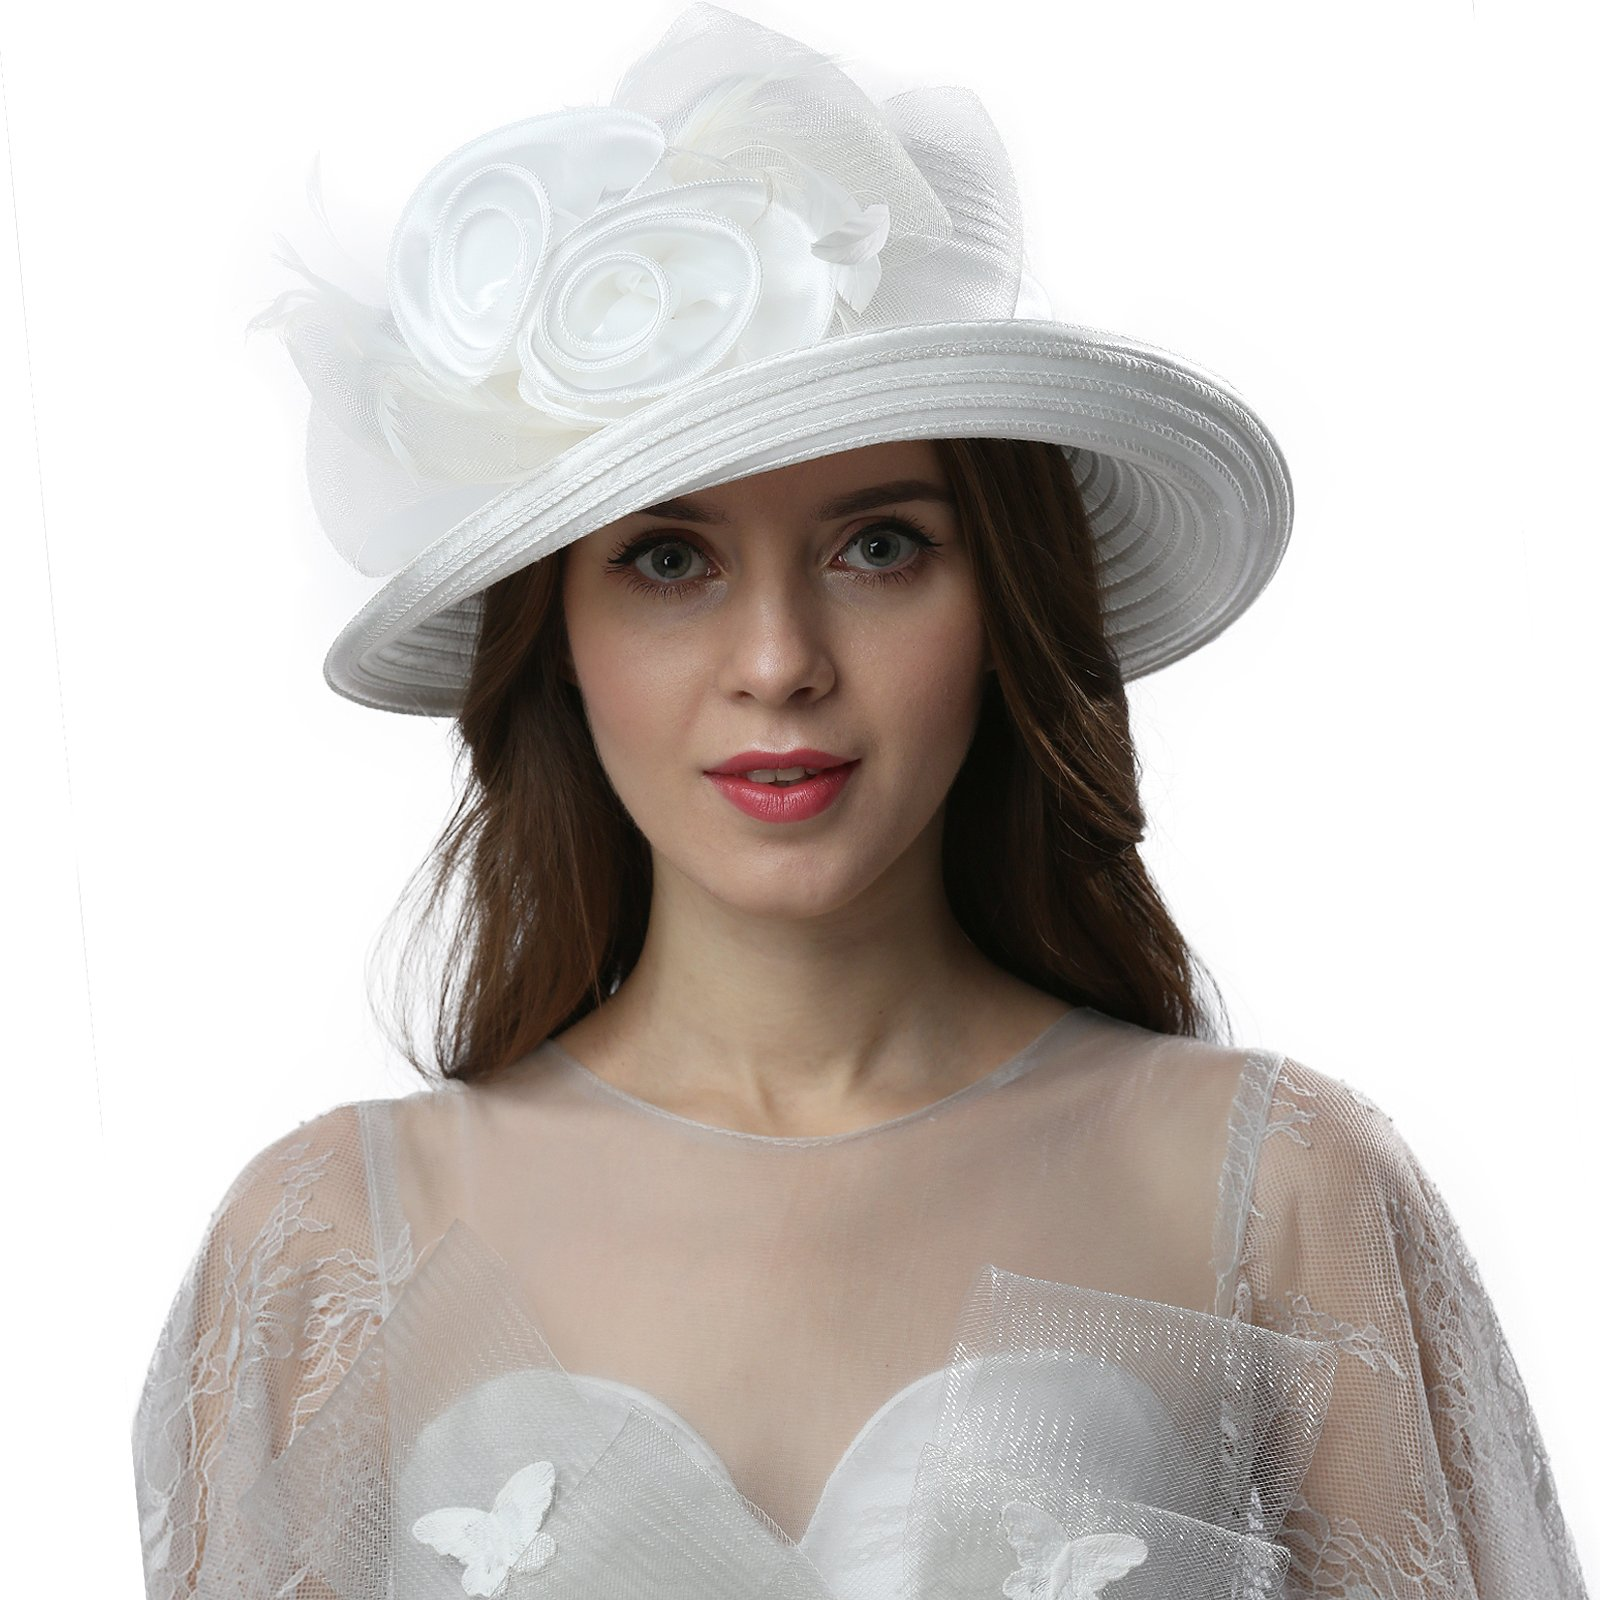 Janey&Rubbins Women Vintage Organza Kentucky Derby Church Cloche Bucket Hat (White)